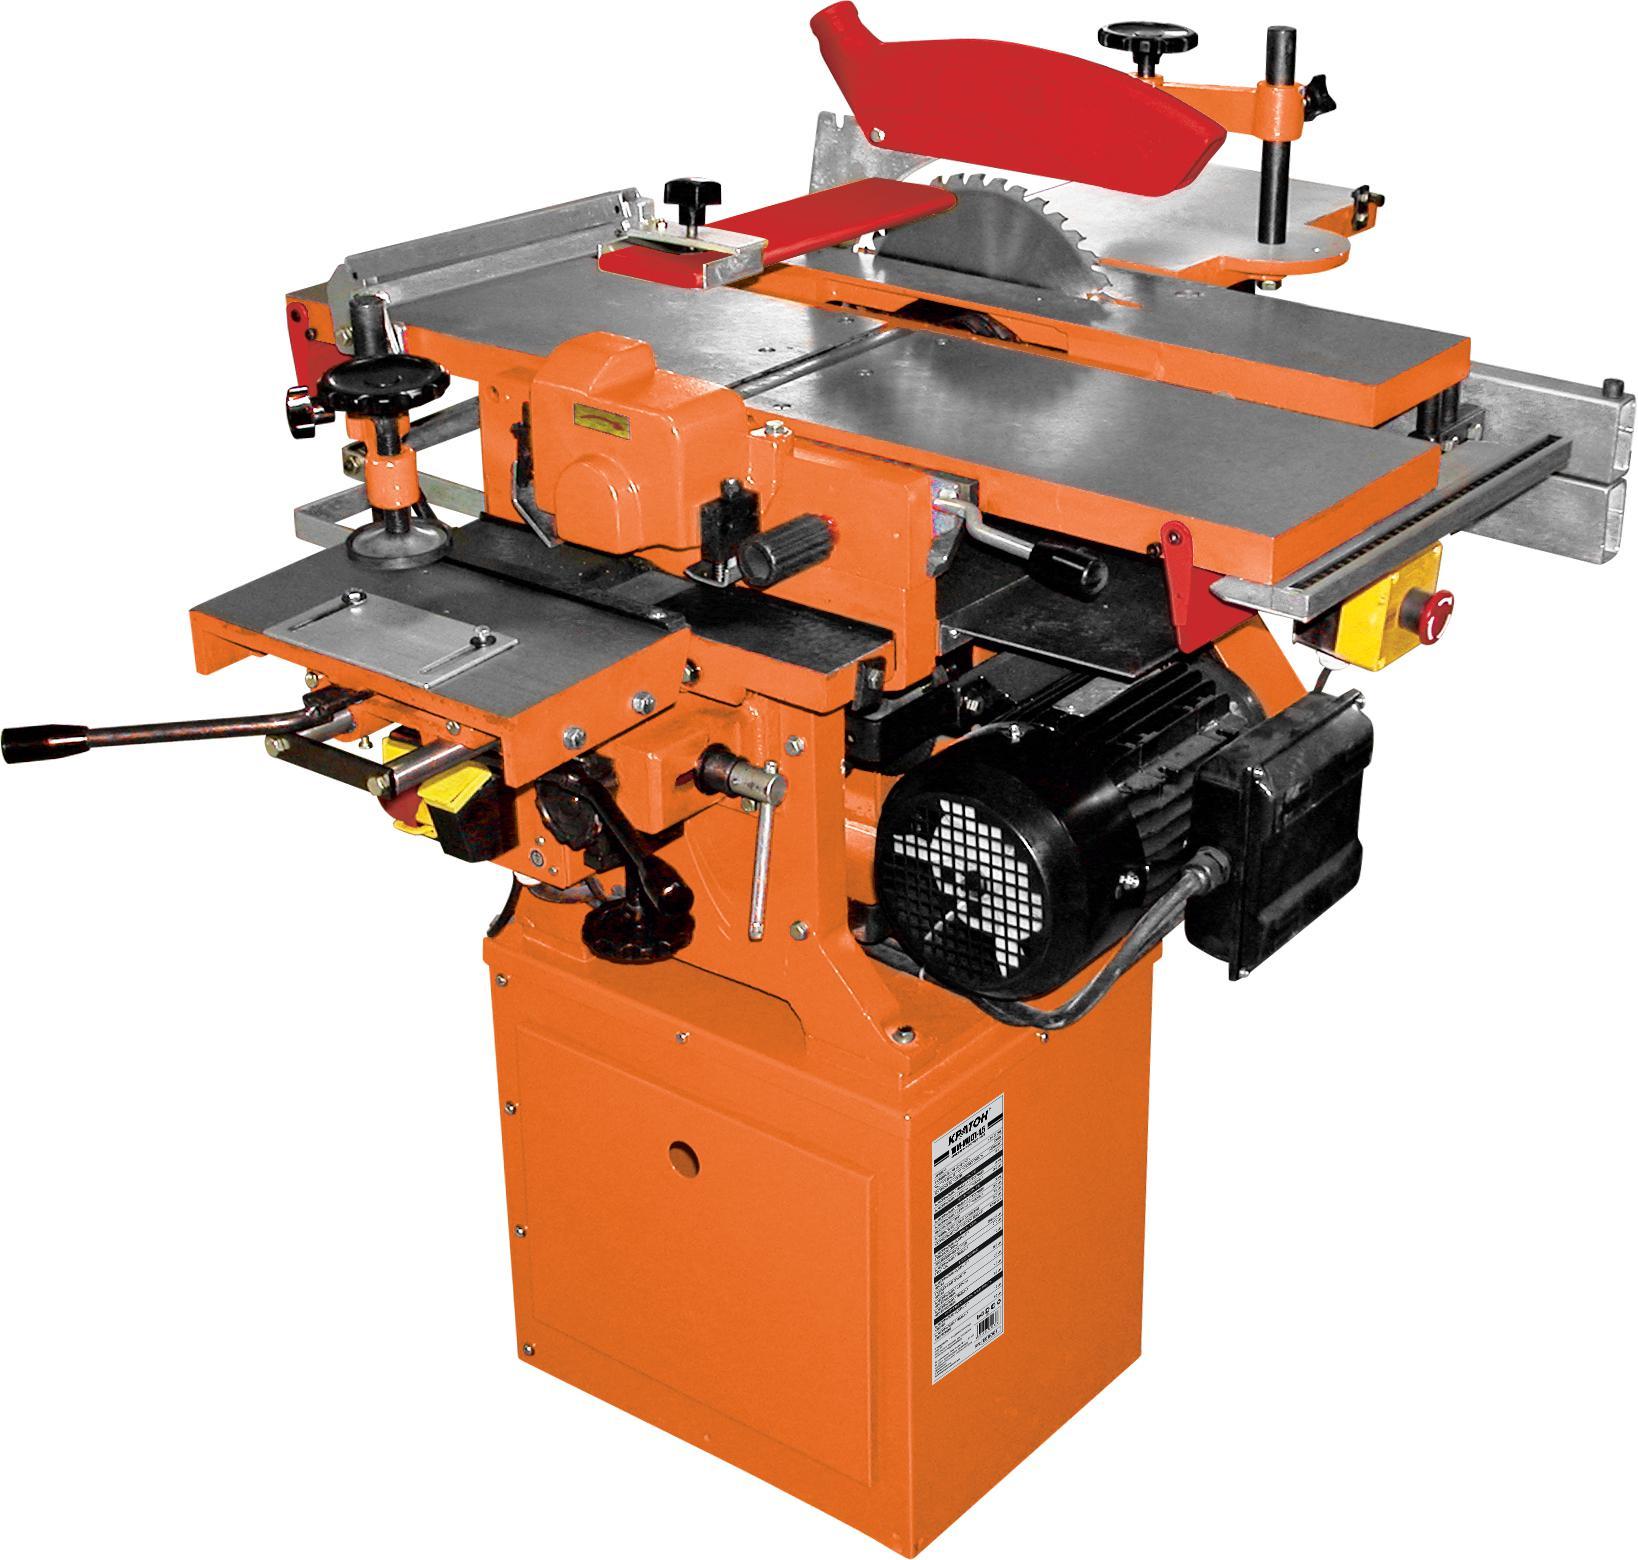 Станок деревообрабатывающий многоперационный КРАТОН Wm-multi-1.5 деревообрабатывающий станок prorab 5600